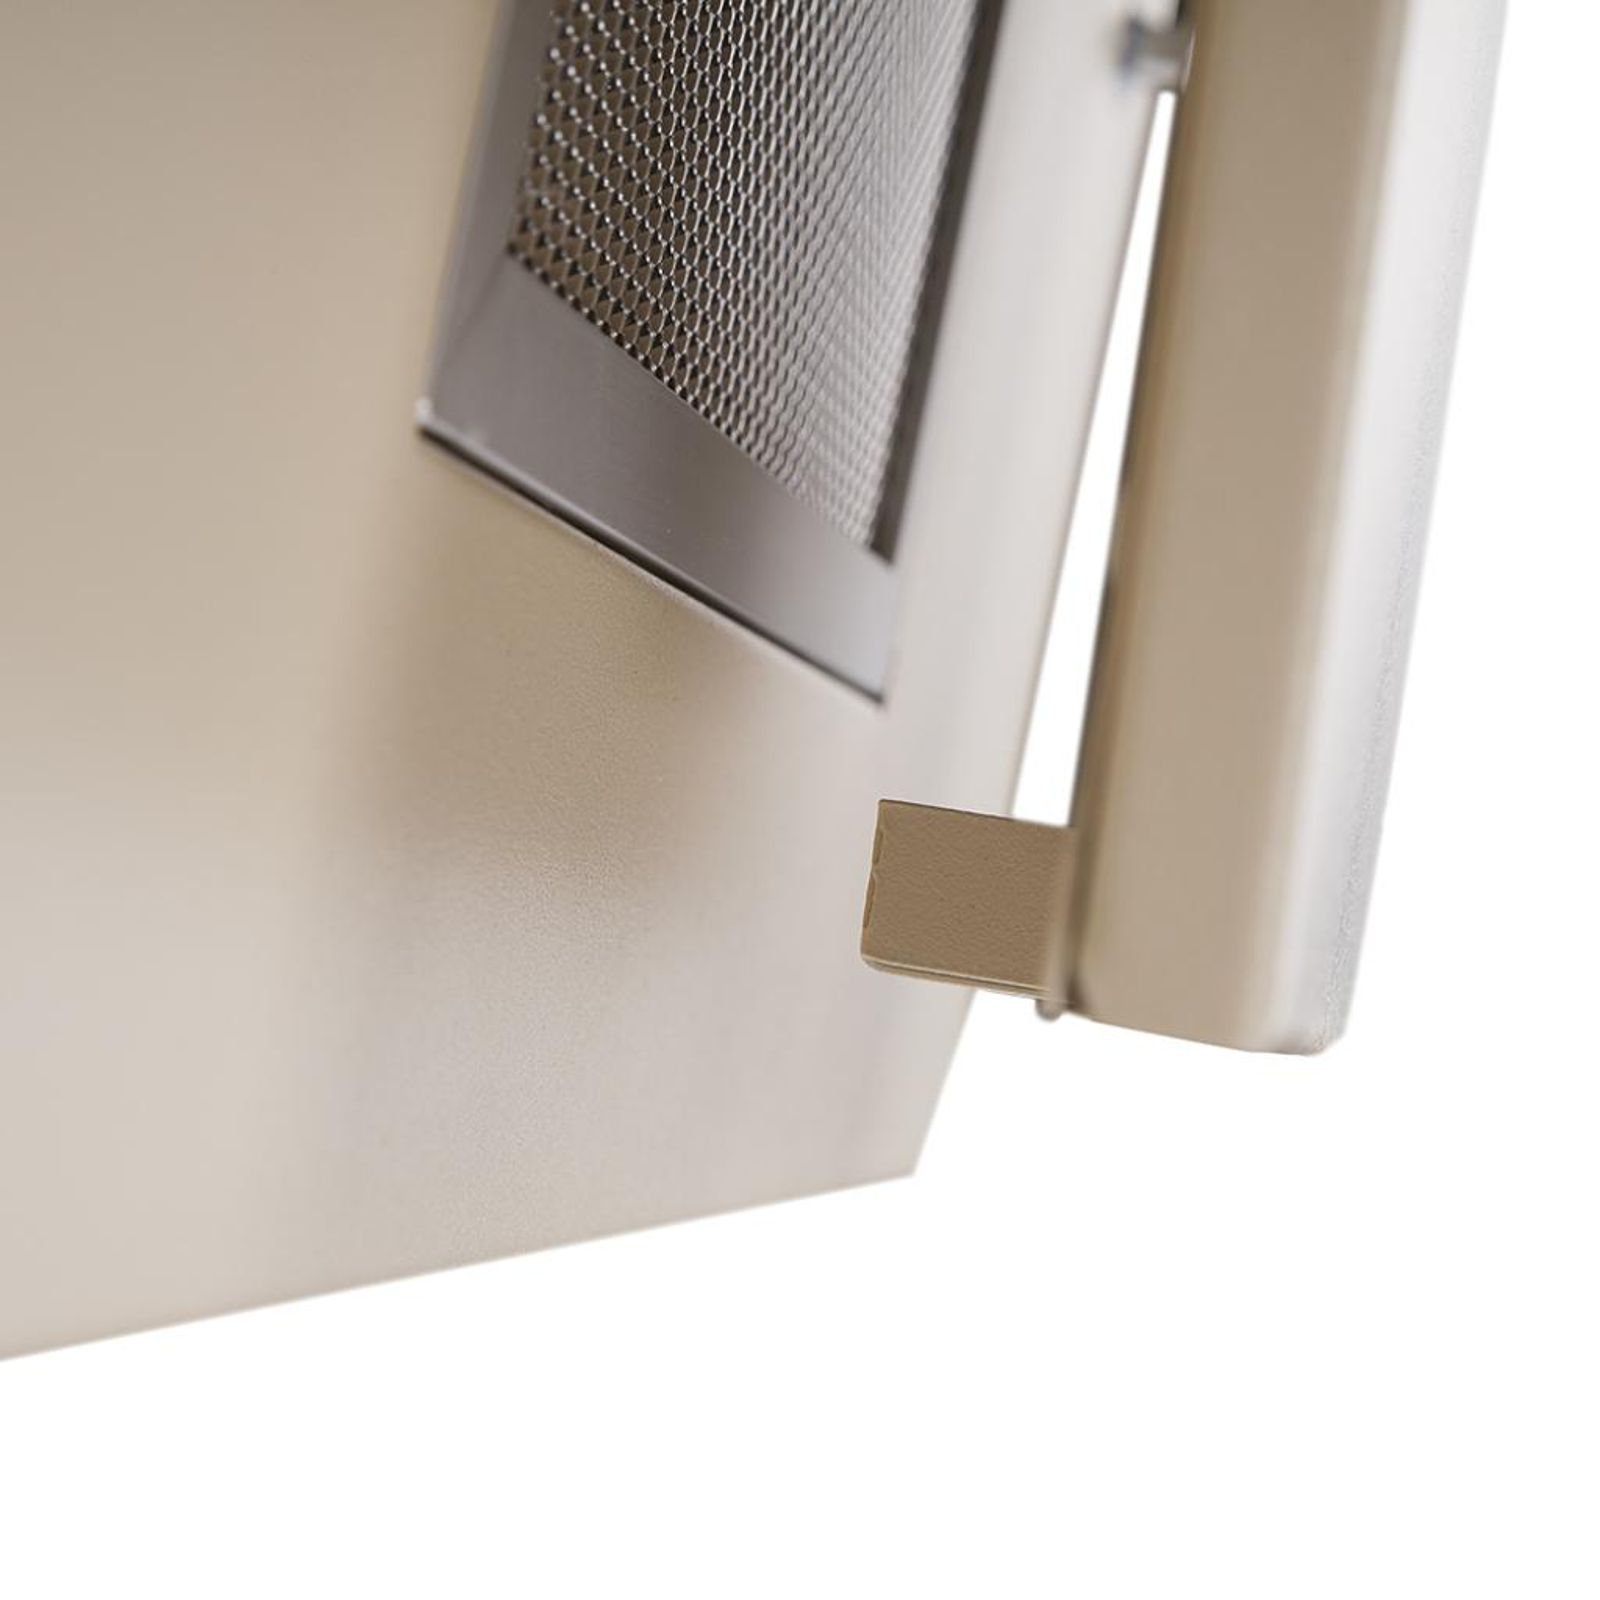 Вытяжка кухонная PYRAMIDA KZ 60 BL изображение 6